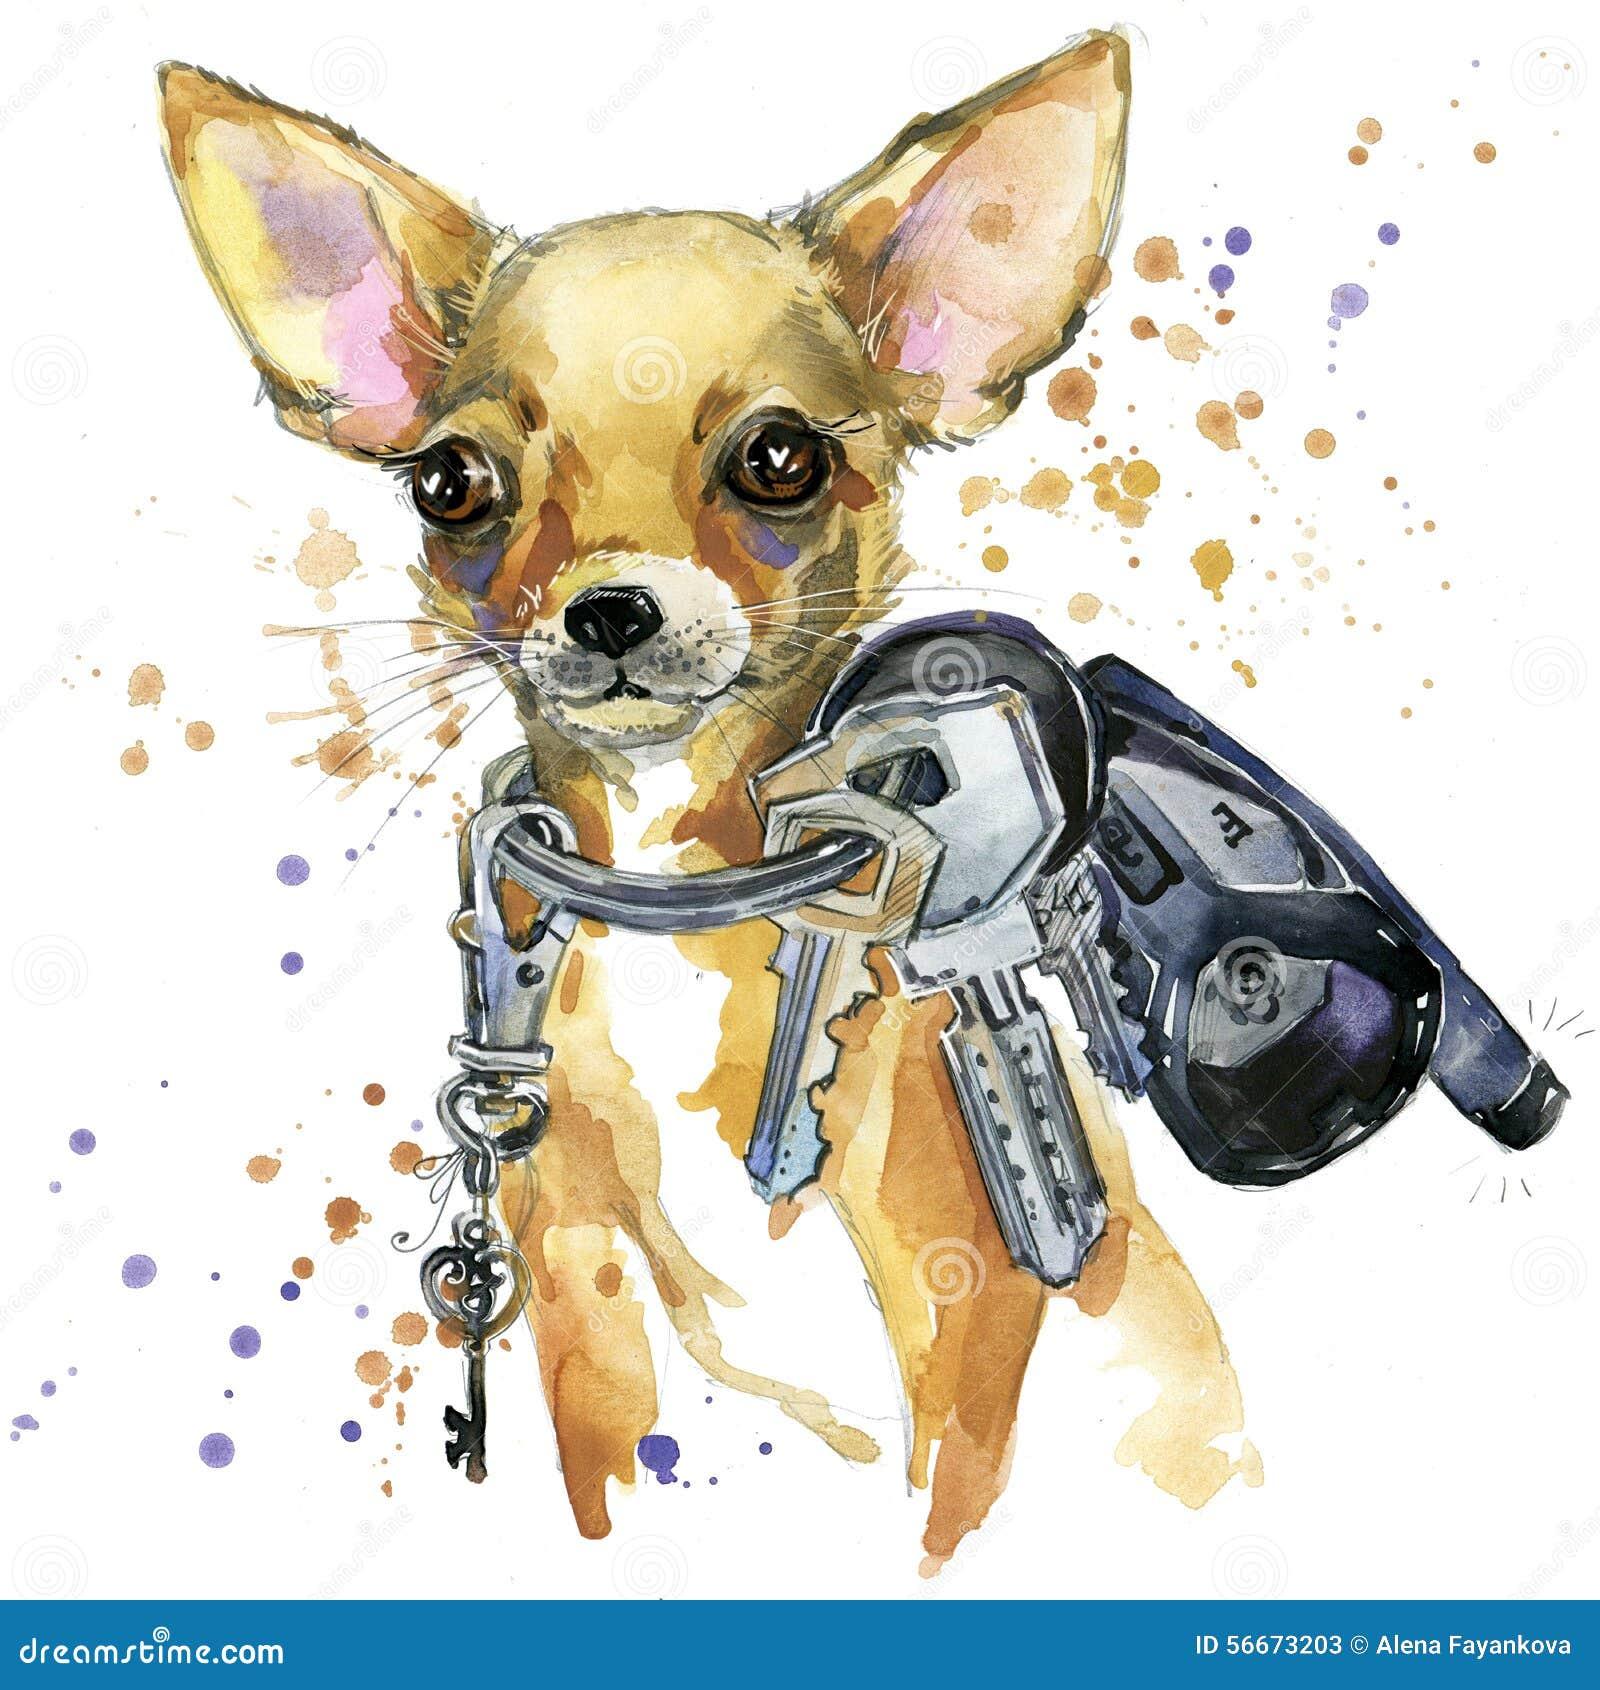 Gráficos do t-shirt do cão do terrier de brinquedo a ilustração do cão do terrier de brinquedo com aquarela do respingo textured